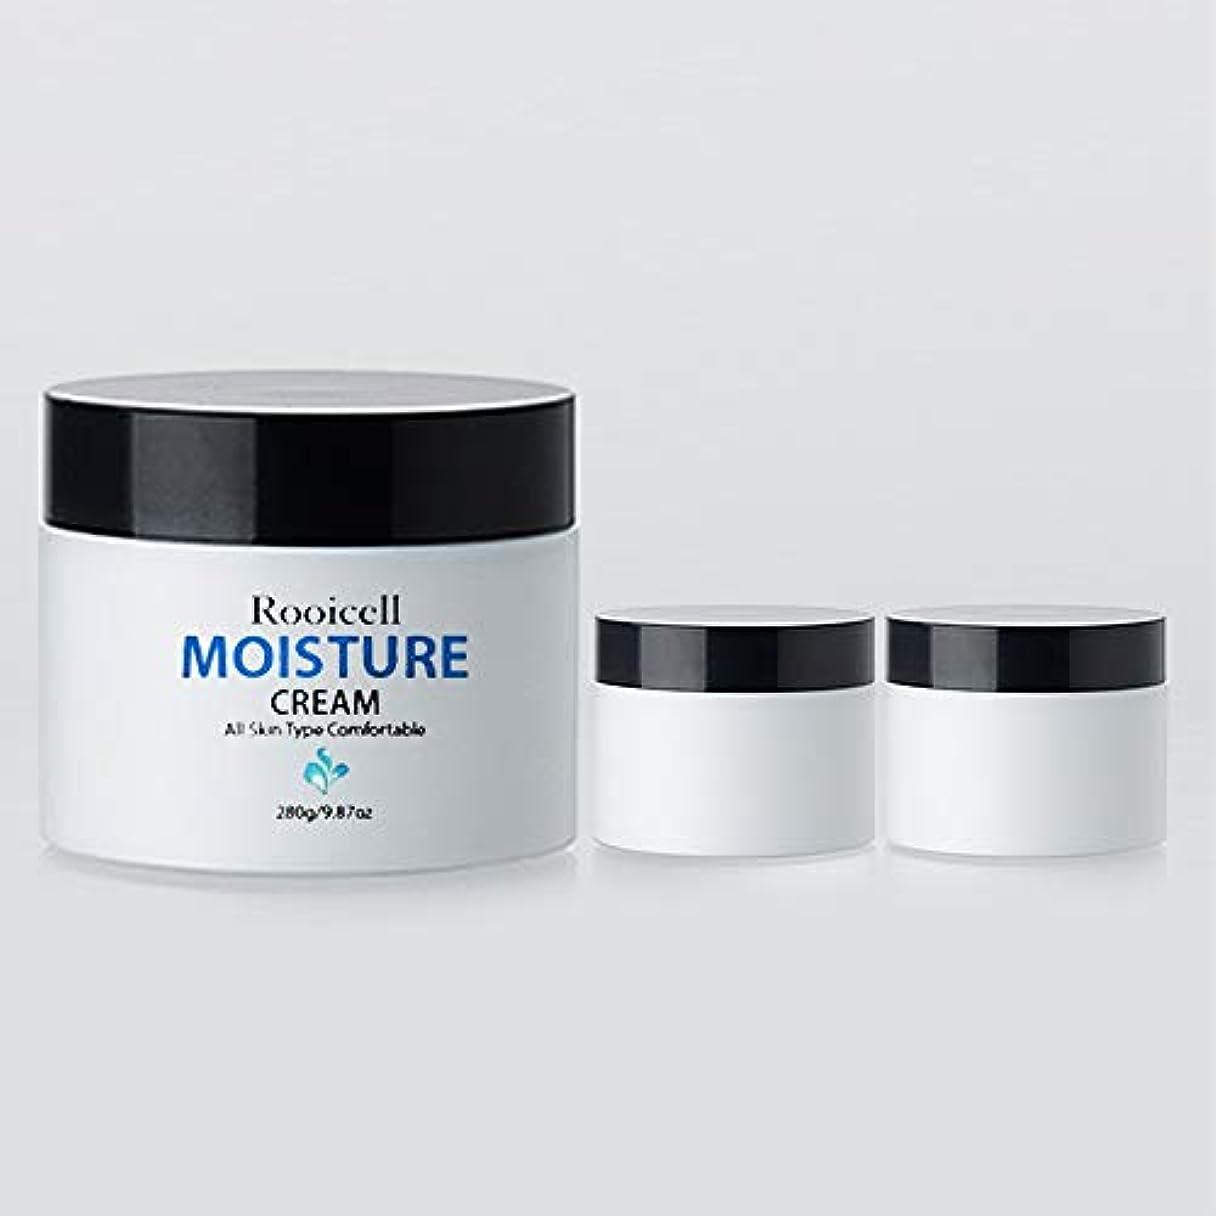 スプリット敬な顎[ Rooicell ] ルイセル モイスチャークリーム 280g Korea cosmetic (moisture cream 280g)